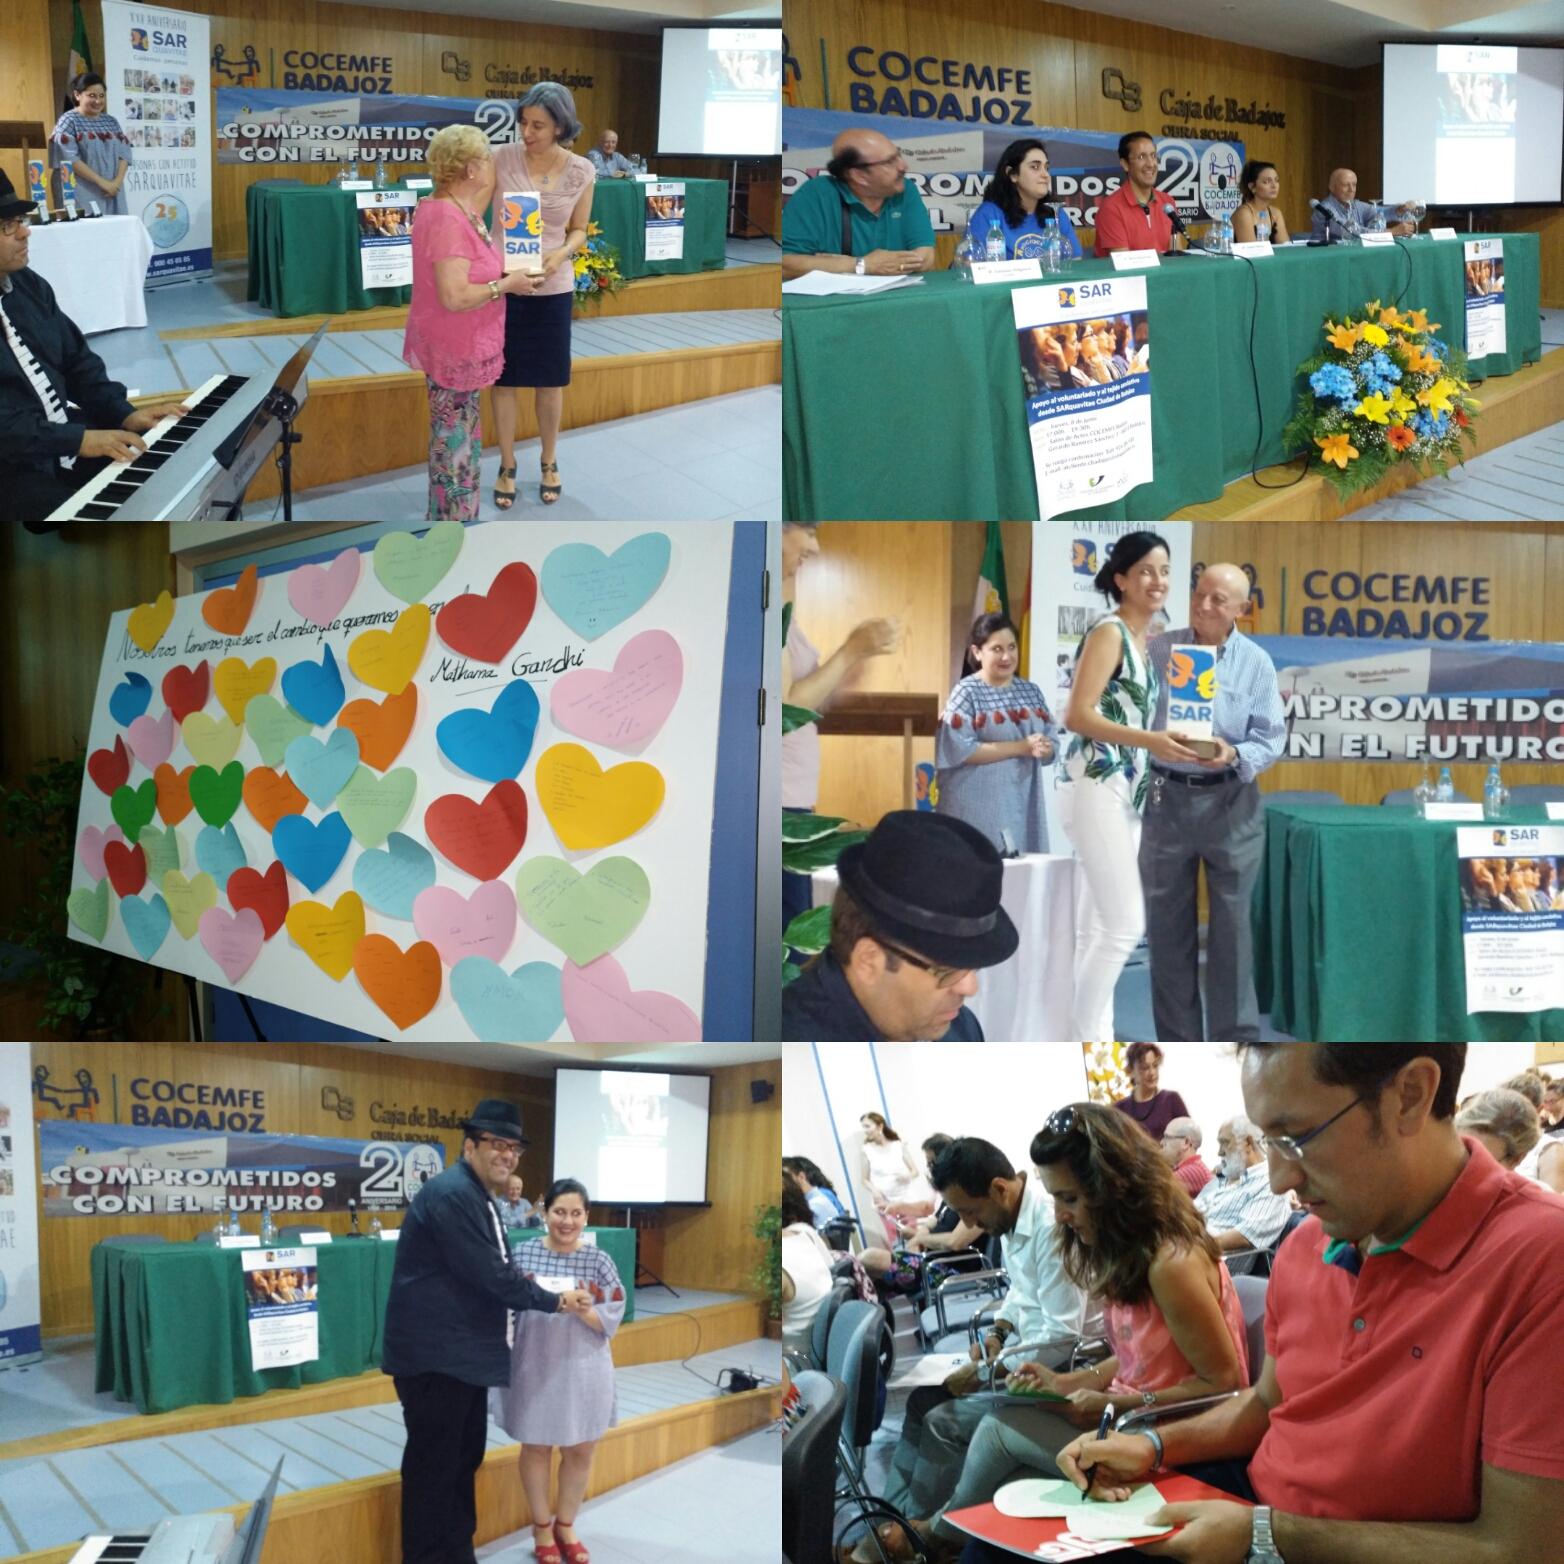 Jornada de apoyo al voluntariado y al tejido asociativo desde SARquavitae Ciudad de Badajoz